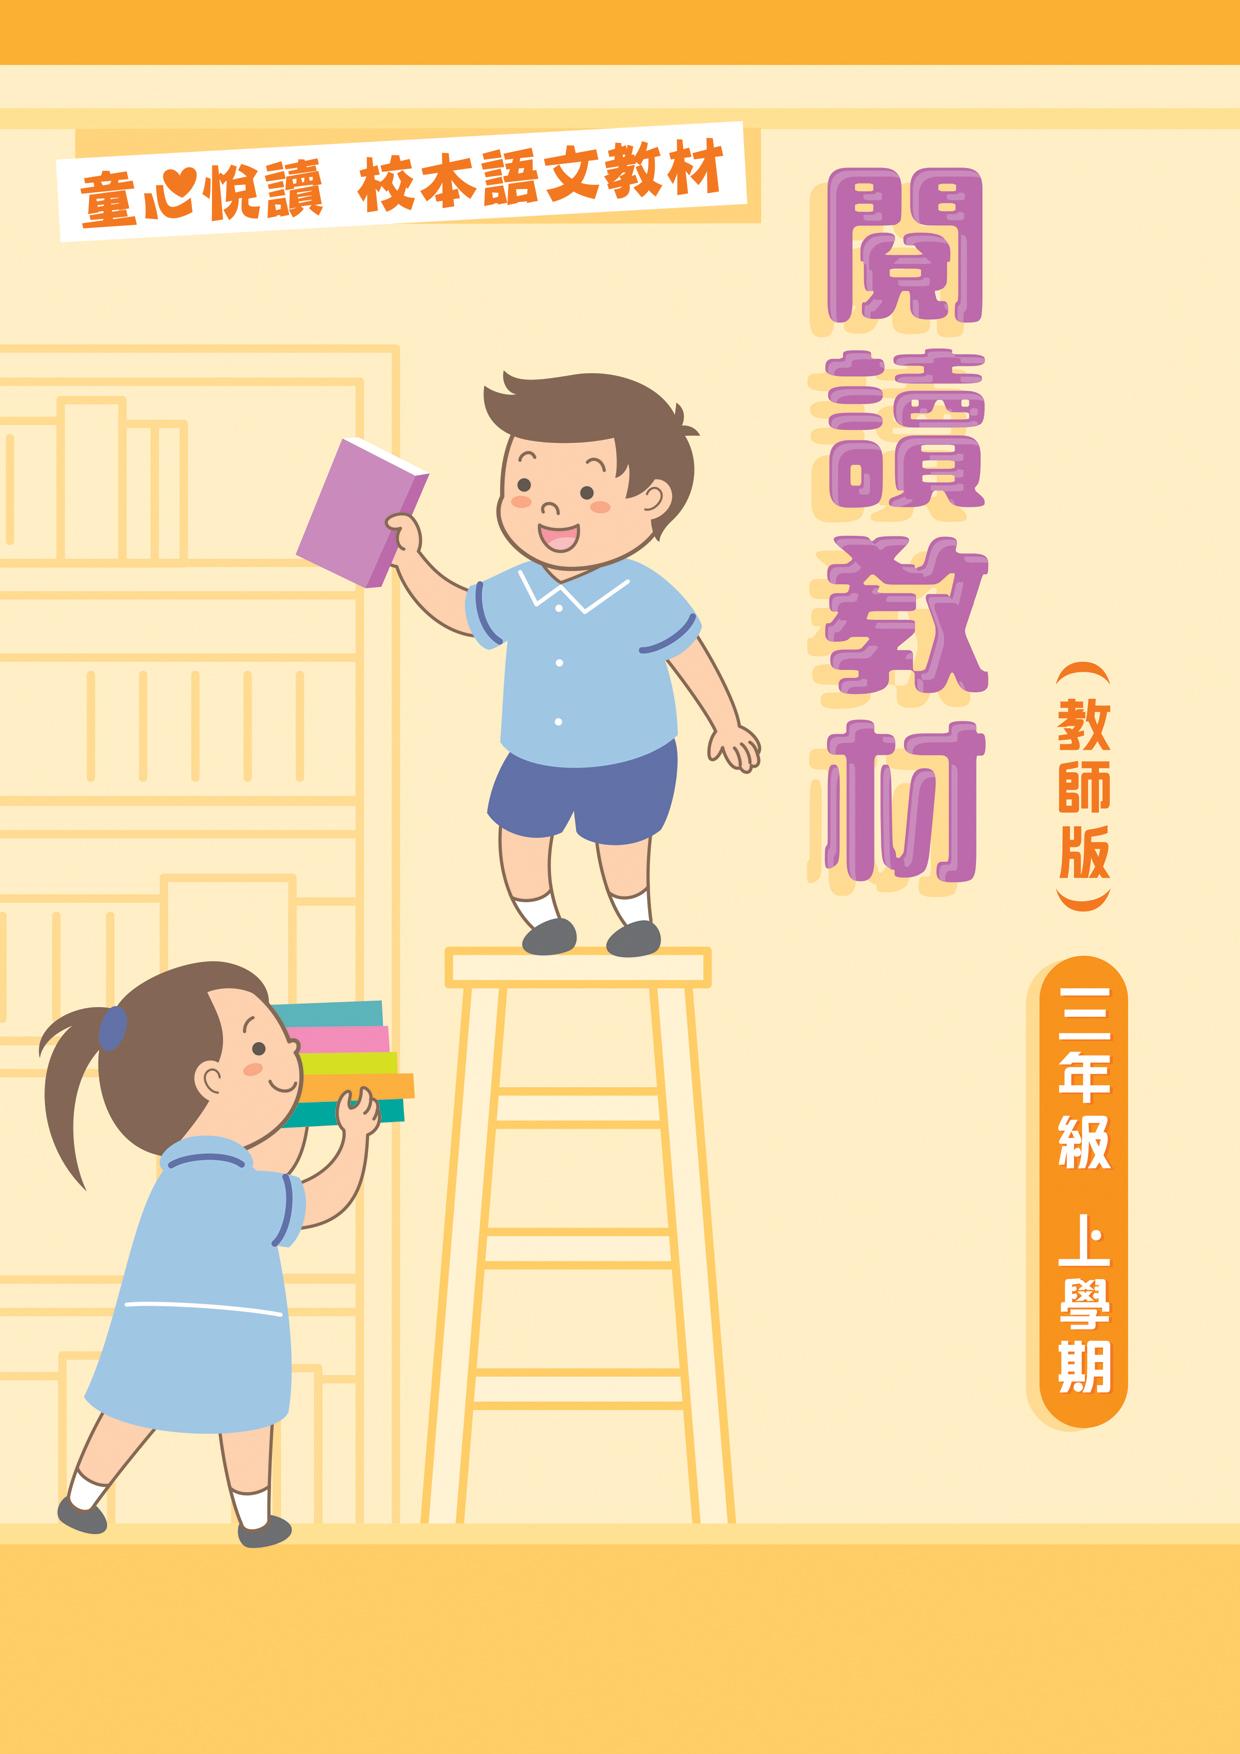 童心悅讀校本語文教材 三年級上學期閱讀教材 - 教師版